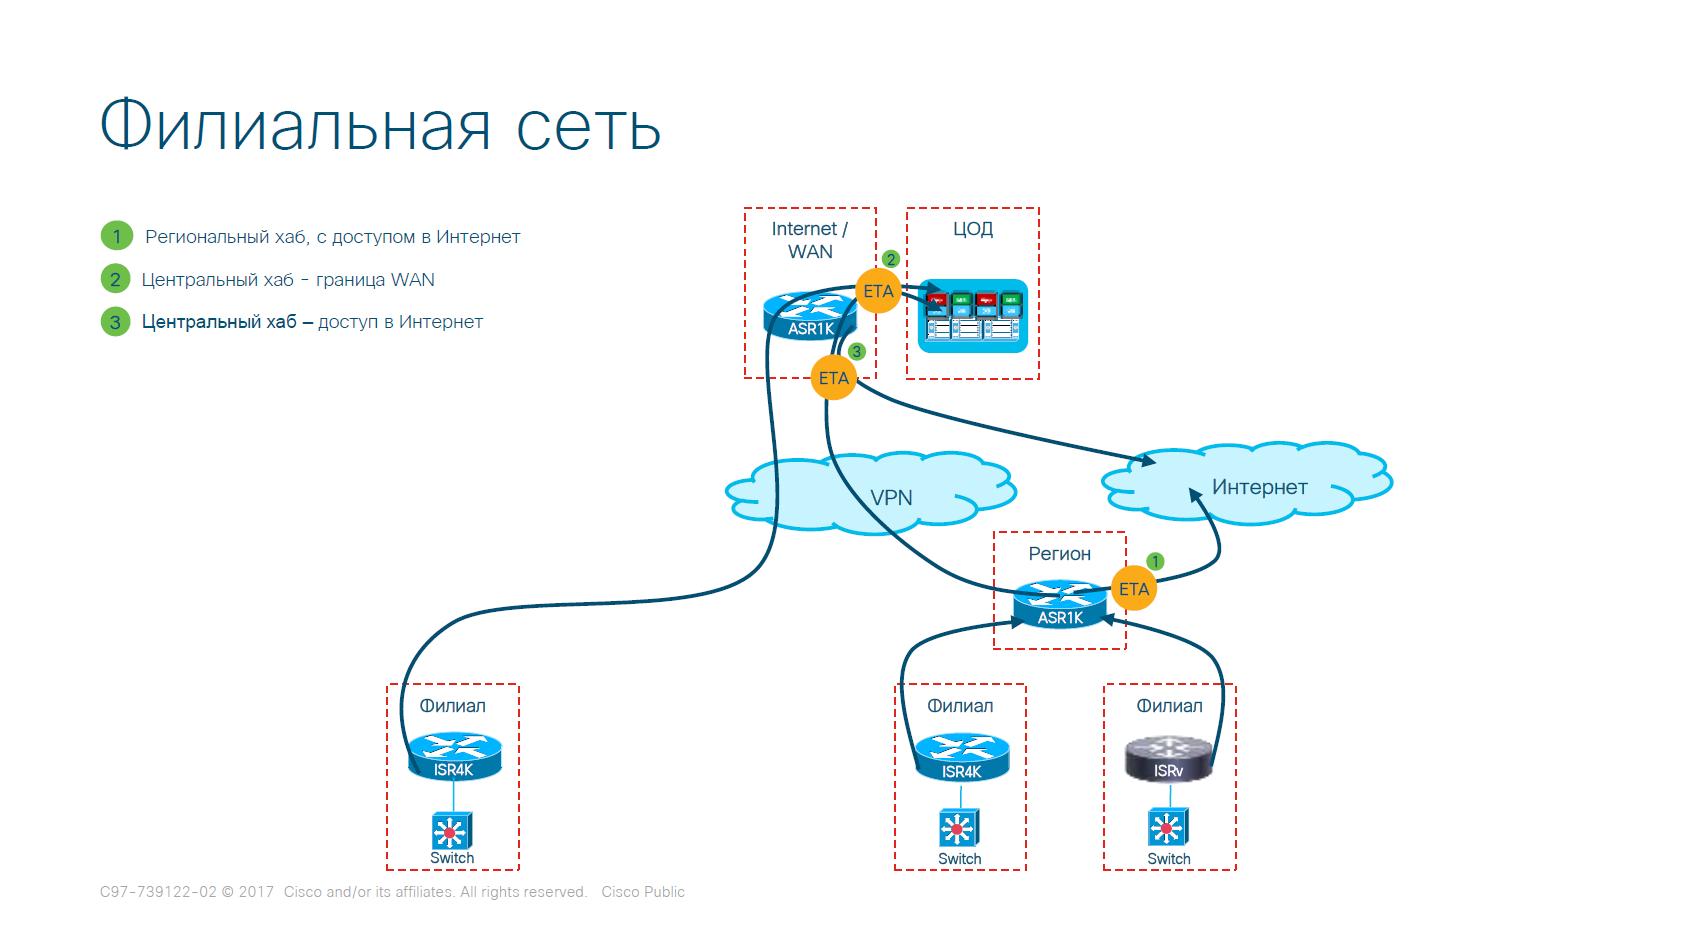 Вариант развёртывания сети филиальной сети (упрощённый)